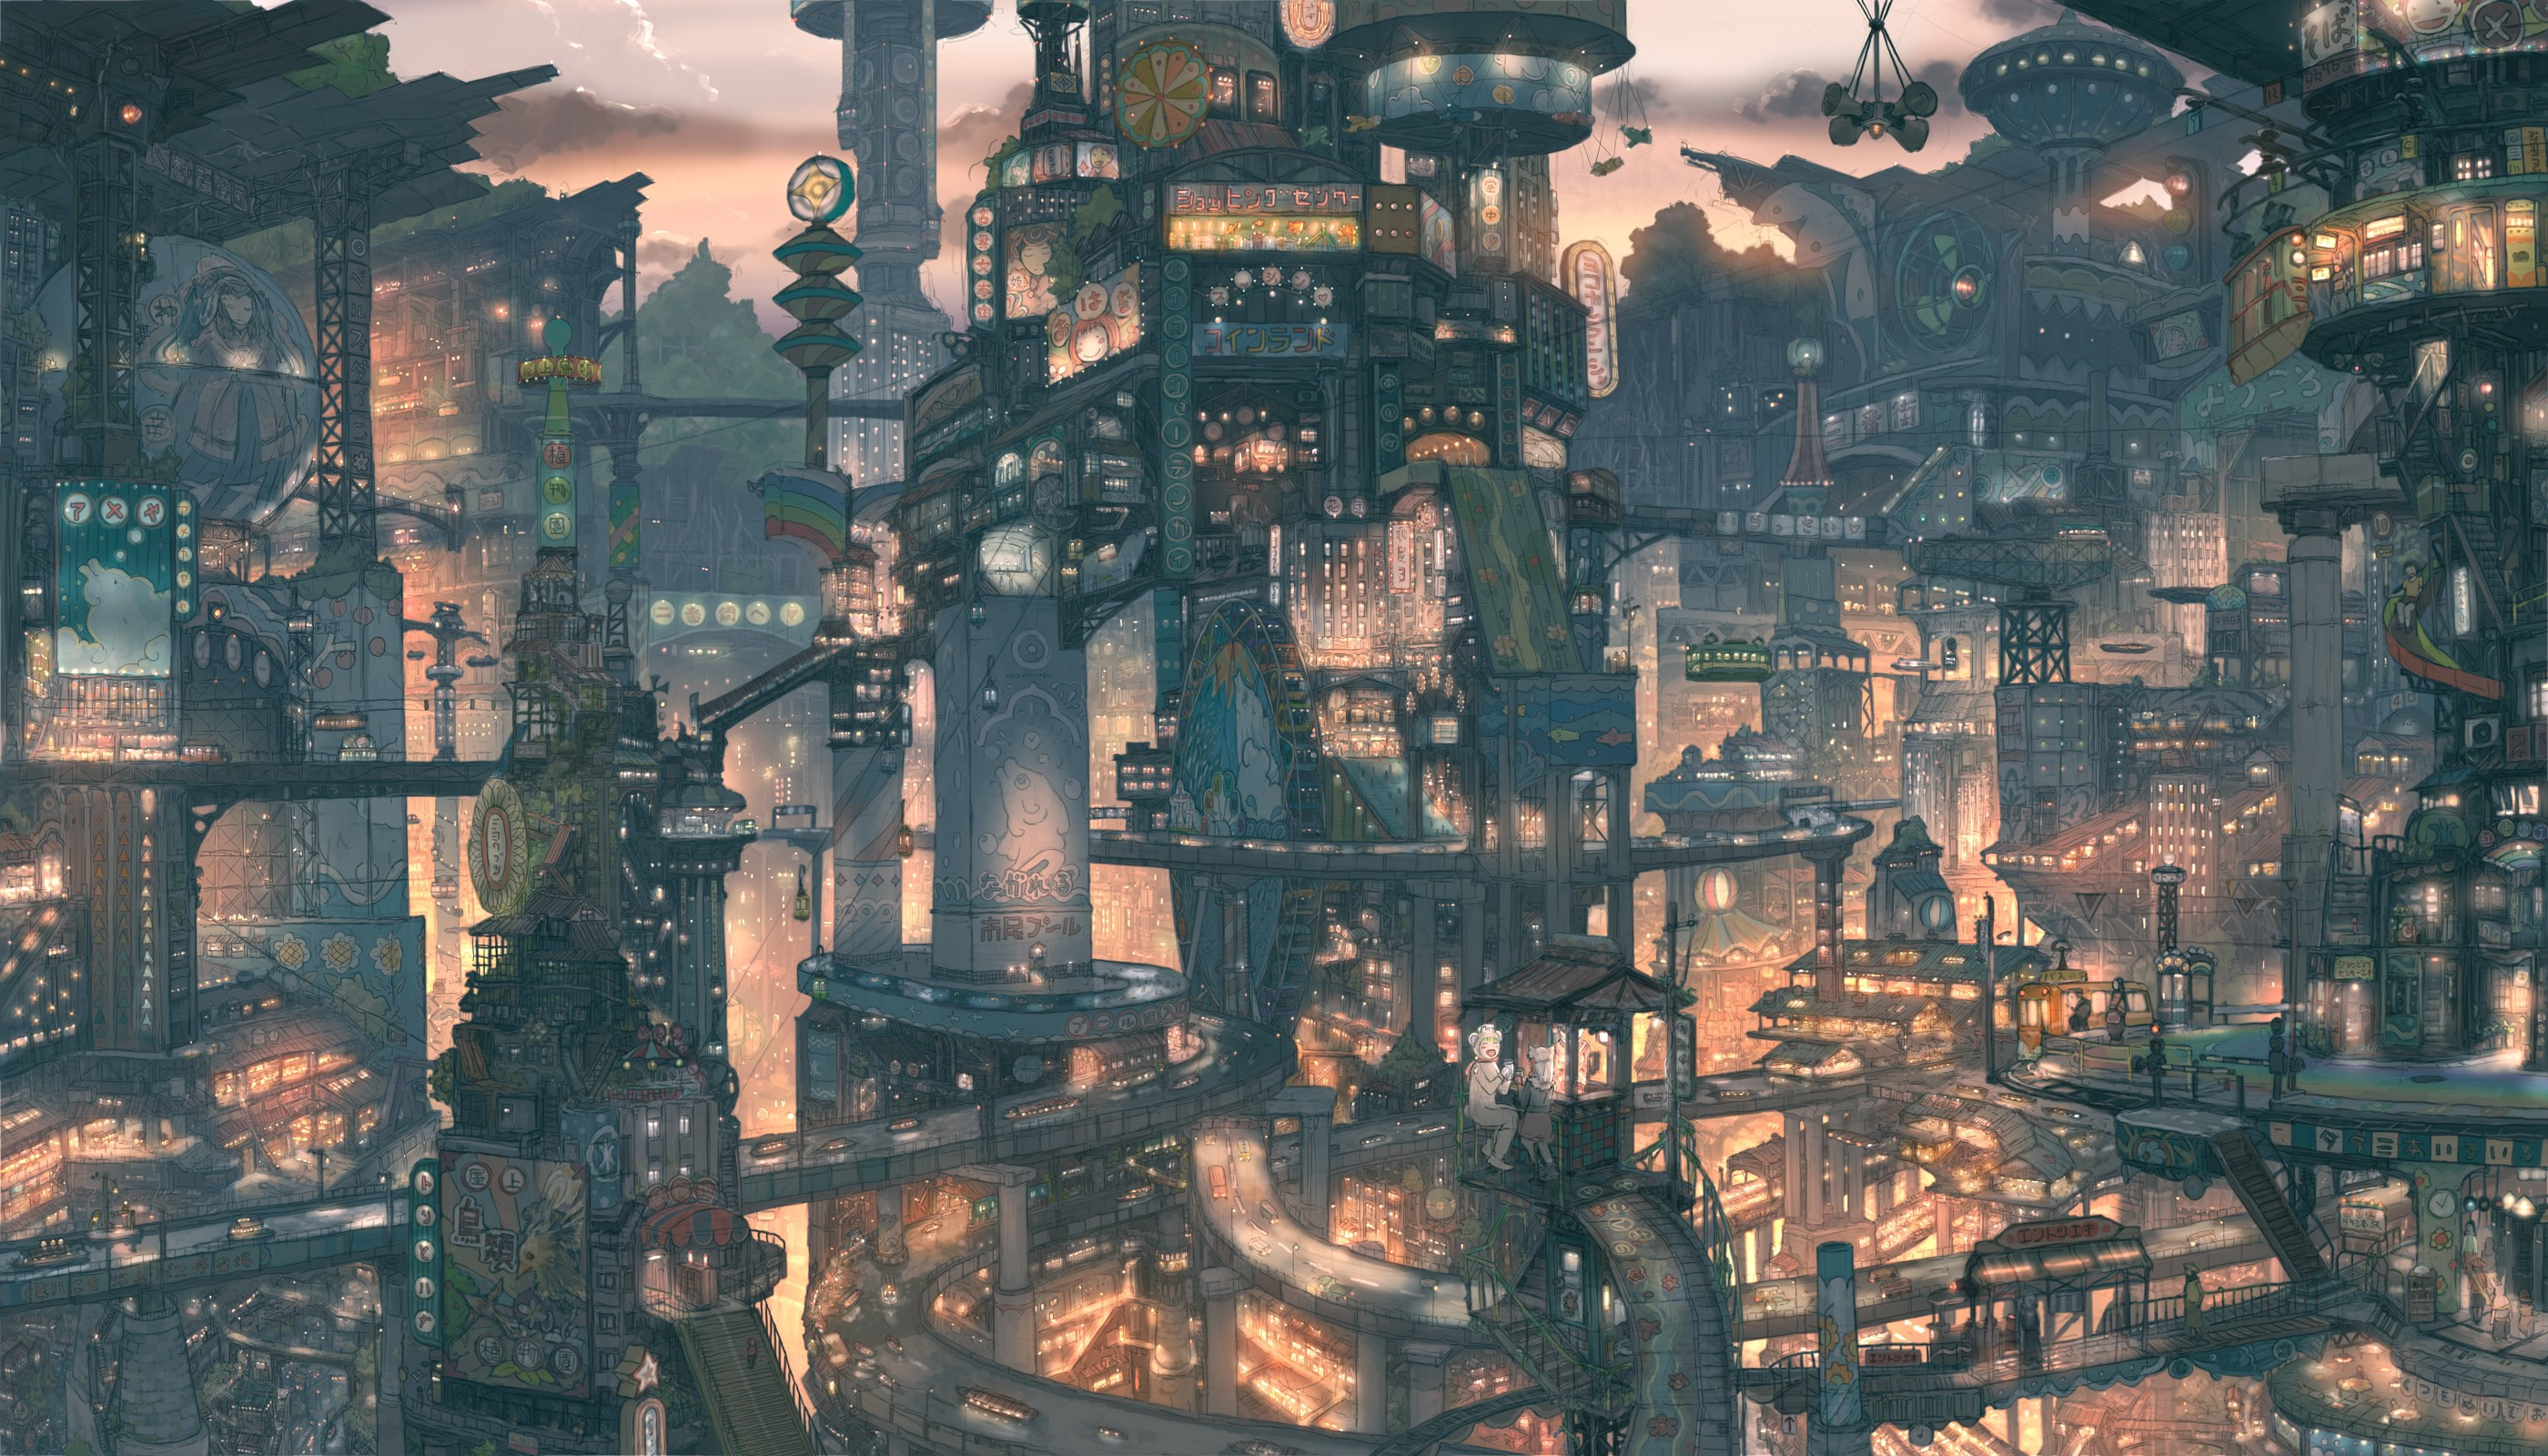 Sci Fi – City Wallpaper   Fantasy and Sci-Fi Images   Pinterest   Sci fi  city, City wallpaper and Sci fi